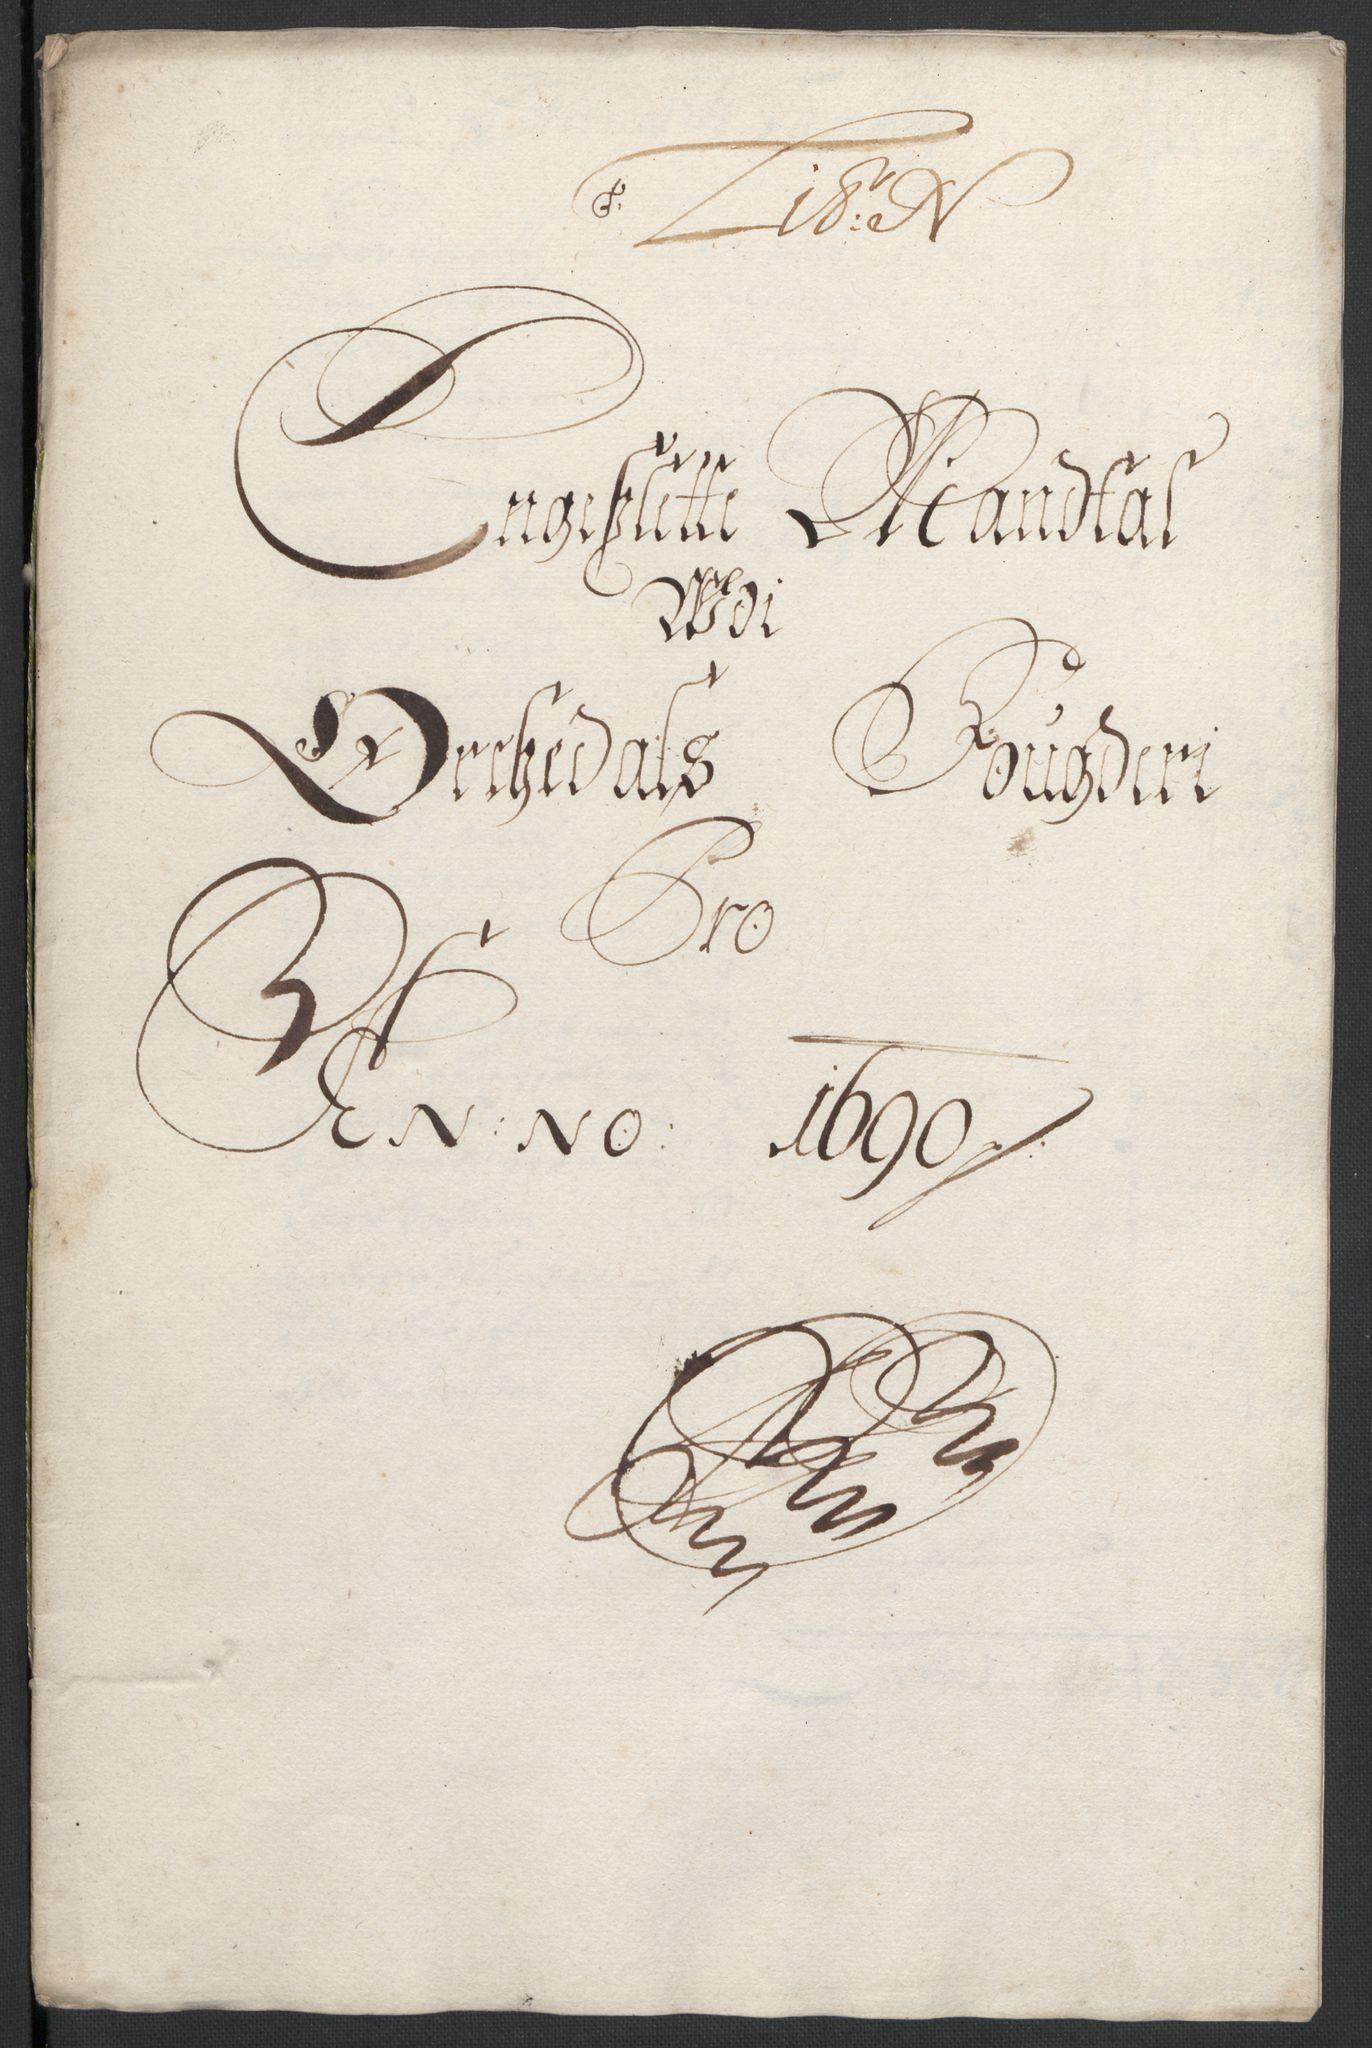 RA, Rentekammeret inntil 1814, Reviderte regnskaper, Fogderegnskap, R58/L3936: Fogderegnskap Orkdal, 1689-1690, s. 407